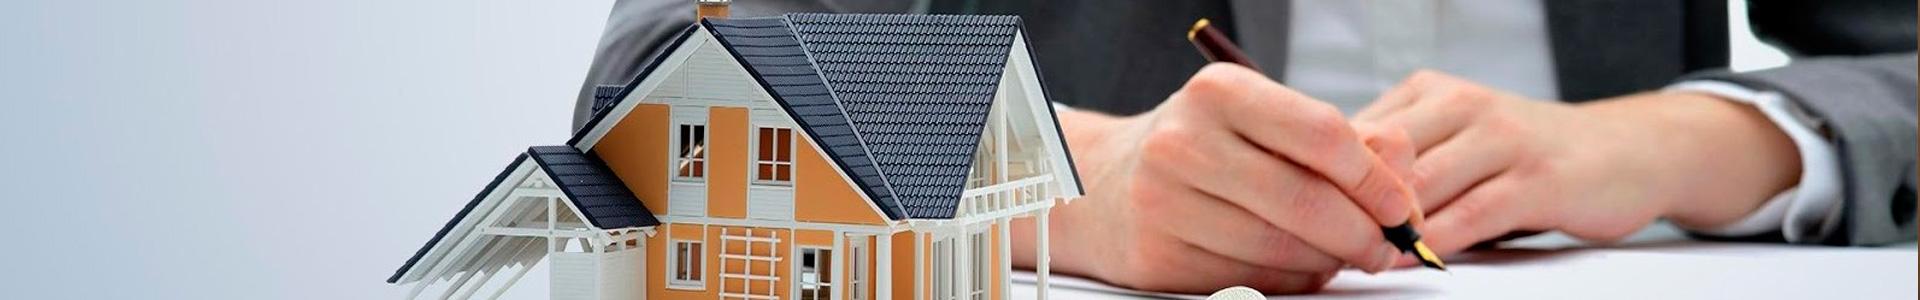 Tasaciones inmobiliarias en cadiz. Conozca el valor de su inmueble en cádiz